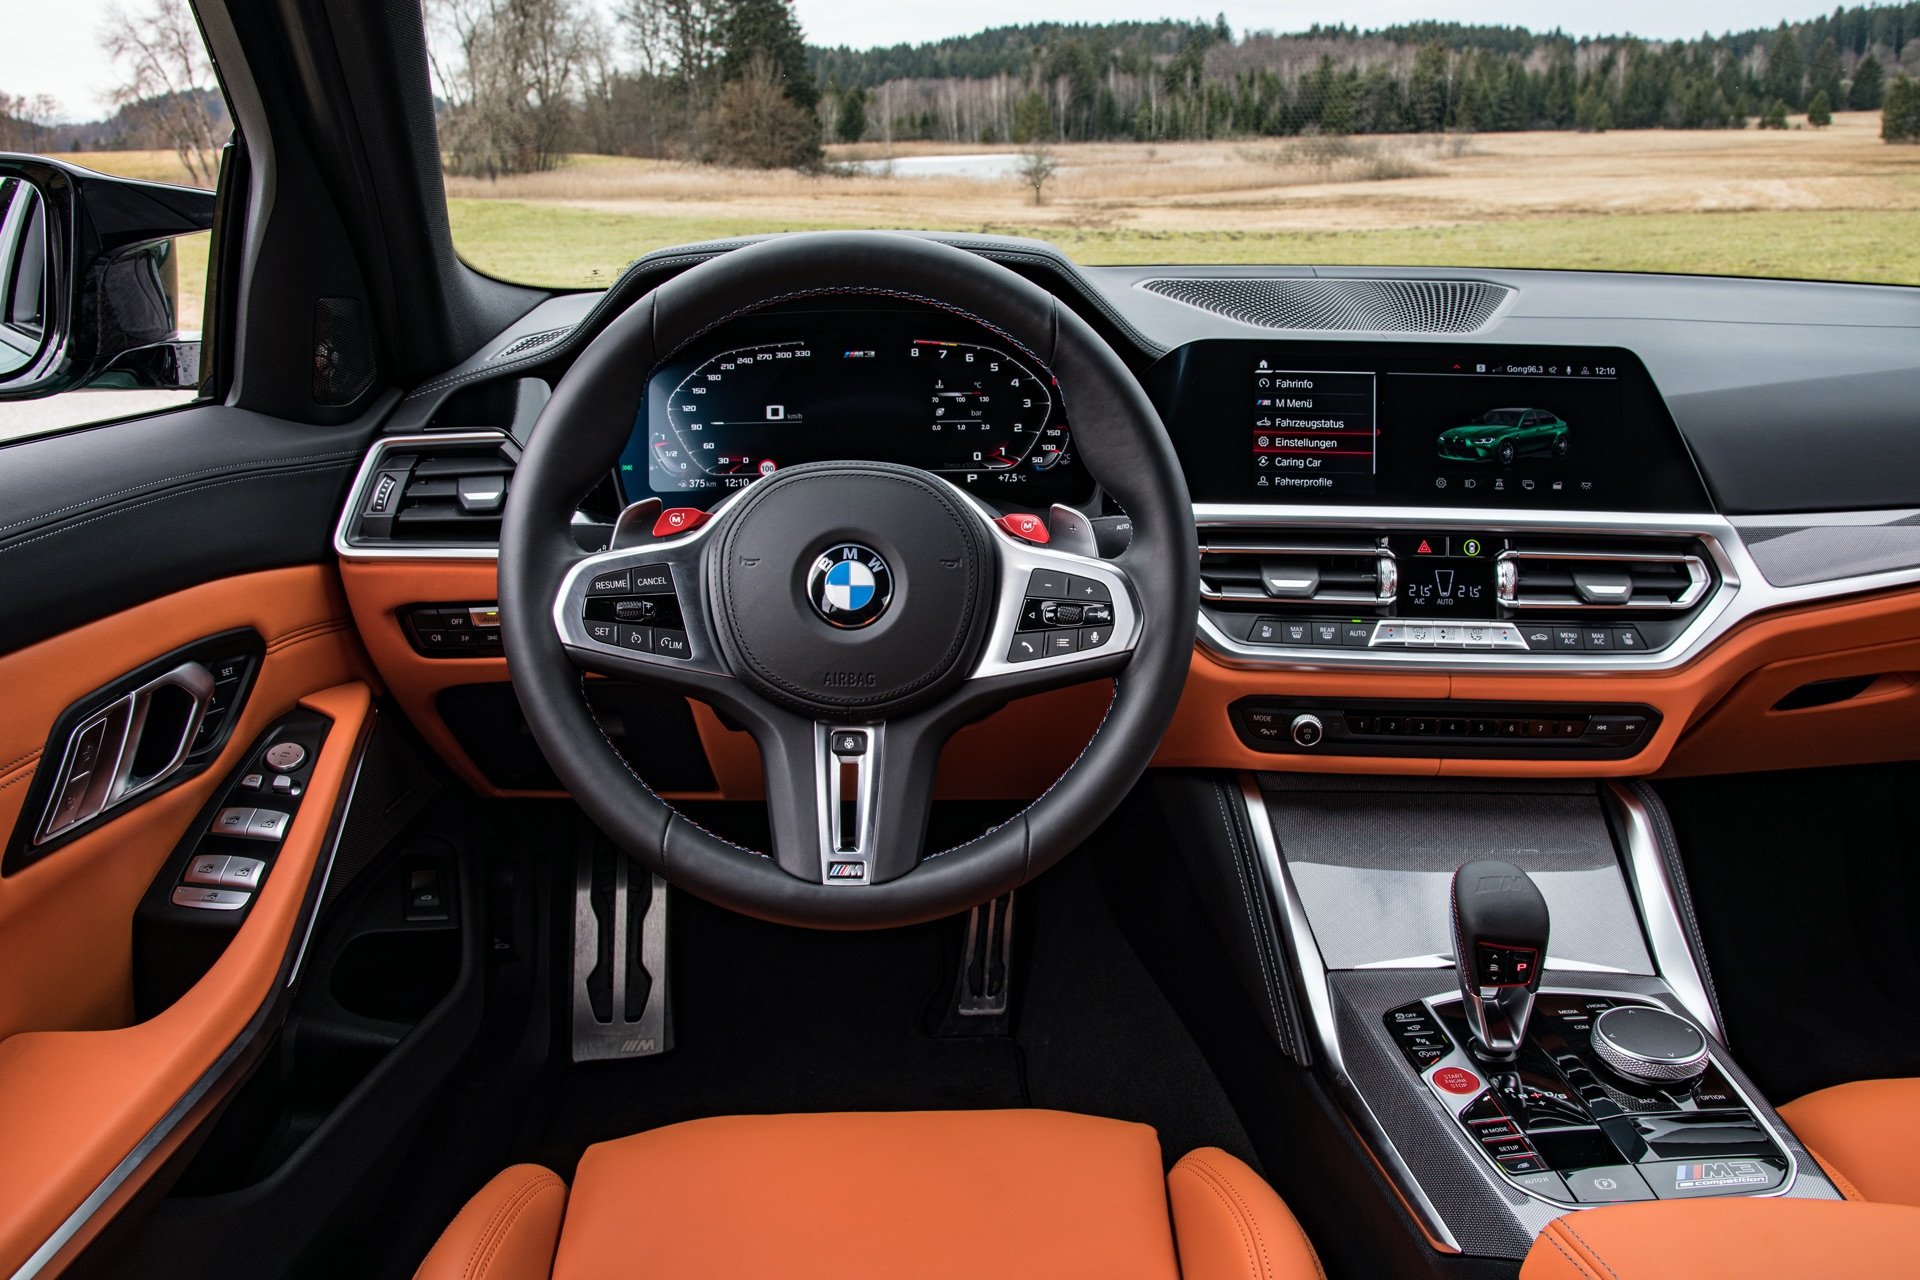 2022 BMW M3 steering wheel